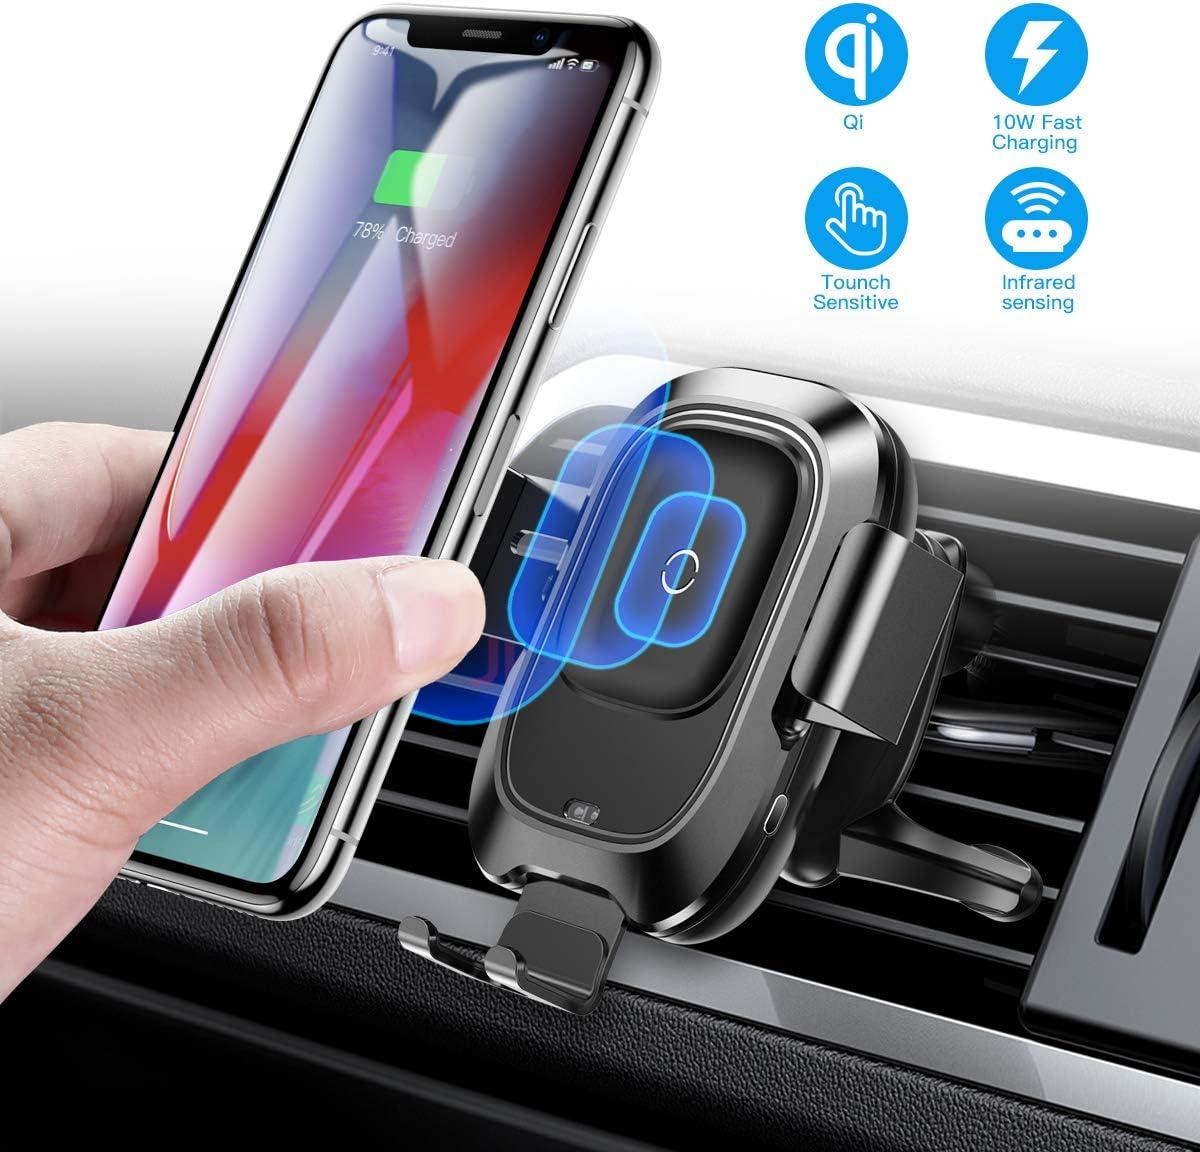 Baseus Cargador Inalámbrico Coche, para Ventilar de Aire del Soporte de 10W Qi Carga Rápida, con sujeción automática, compatible con iPhone 11/11 Pro, Galaxy Note 9 y smartphones para Qi 4.7